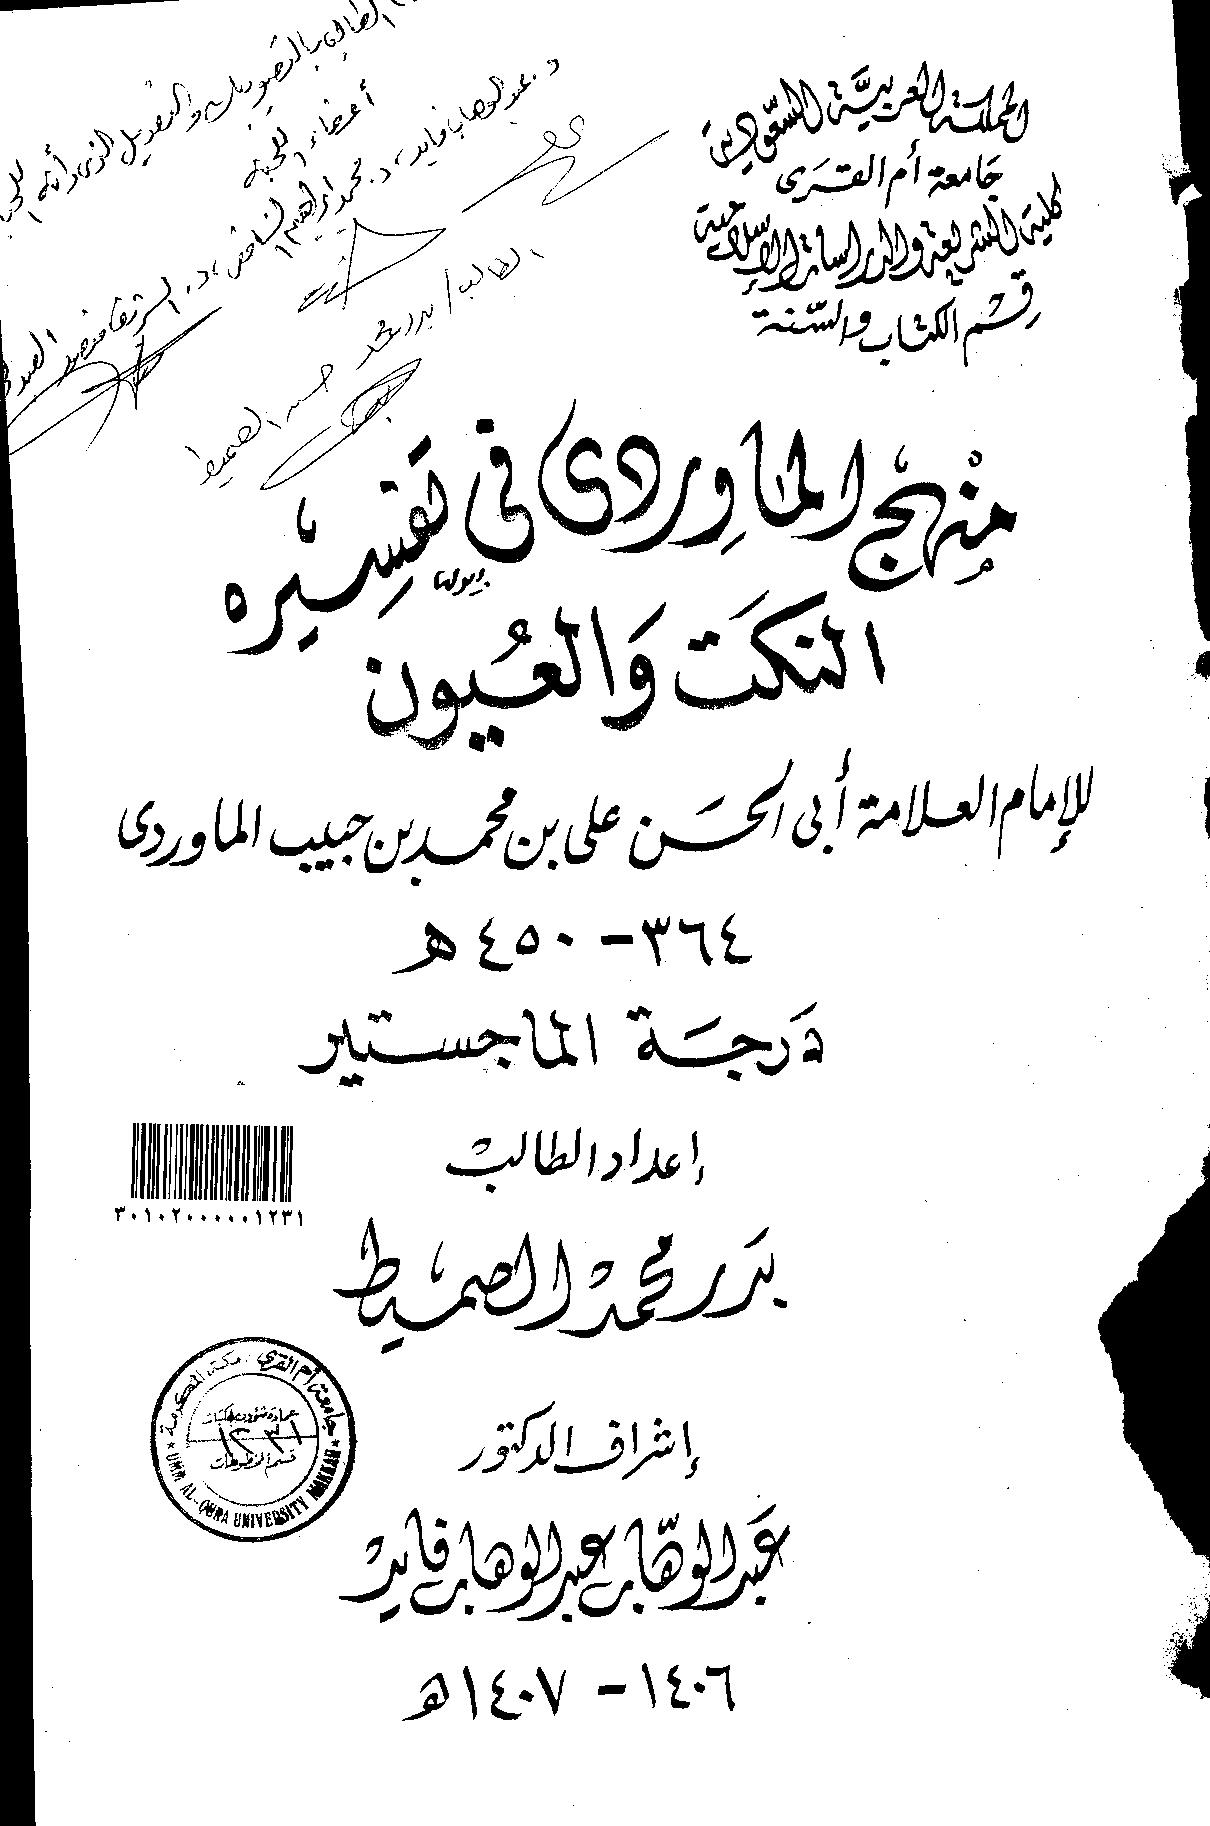 تحميل كتاب منهج الماوردي في تفسيره «النكت والعيون» لـِ: الدكتور بدر محمد حسن الصميط